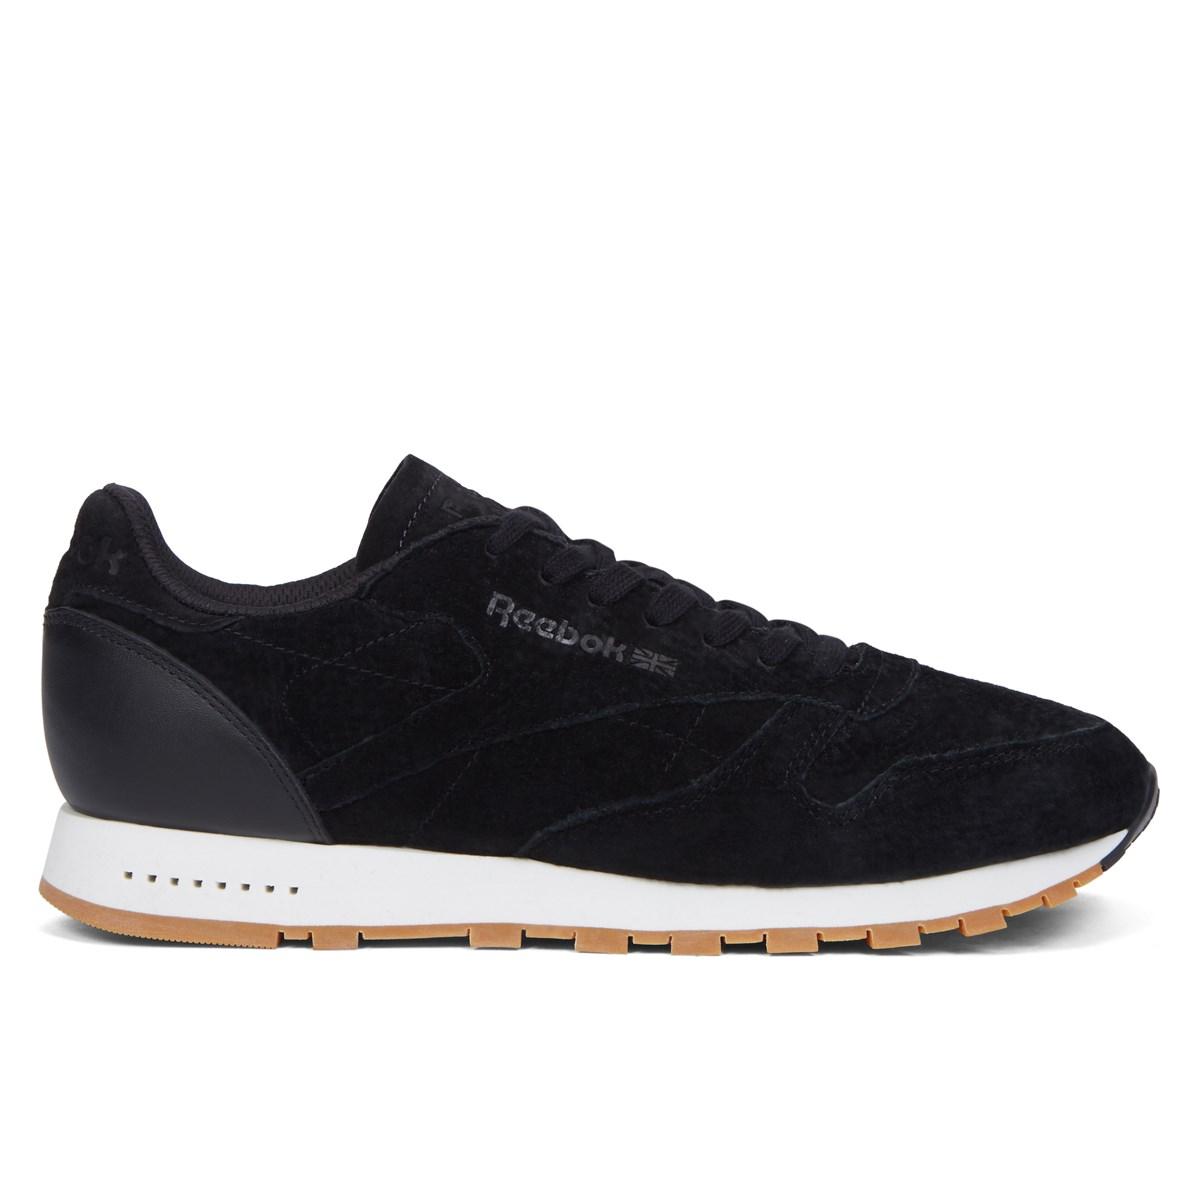 7cb58f01834656 Men s CL Leather SG Black   Gum Sneaker. Previous. default view  ALT1  ALT2